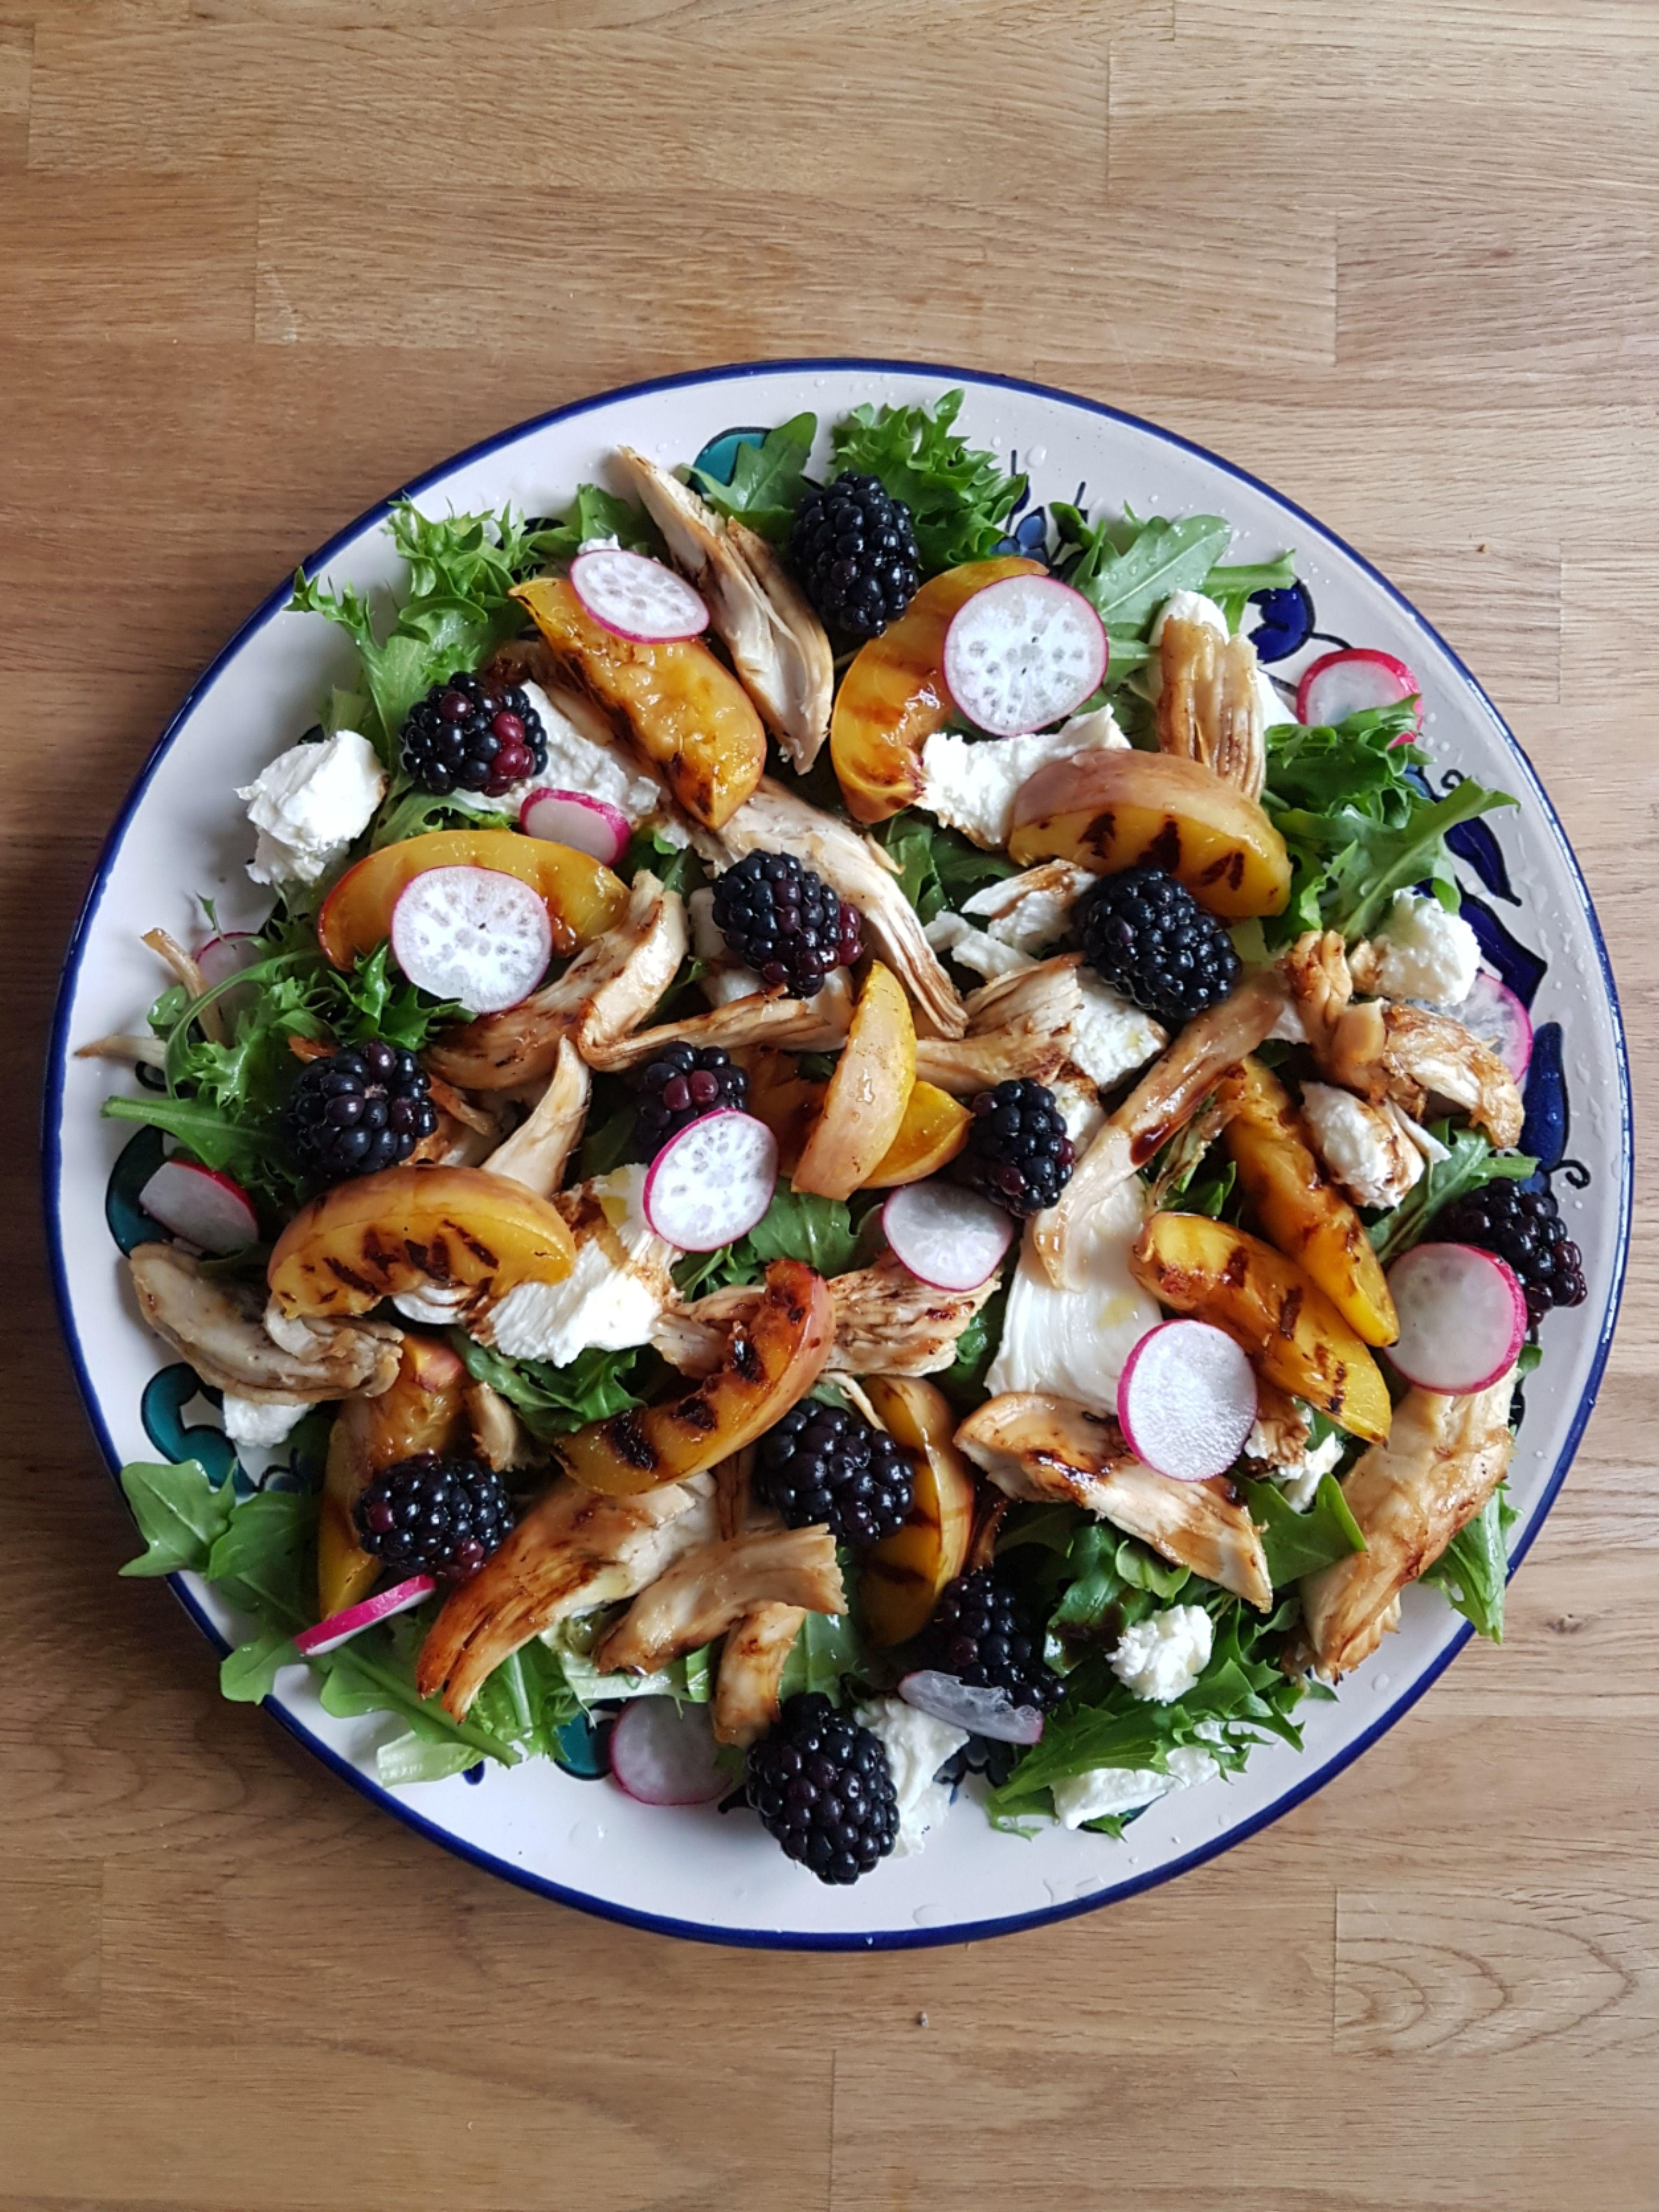 Chicken nectarine and blackberry salad recipe in 2020